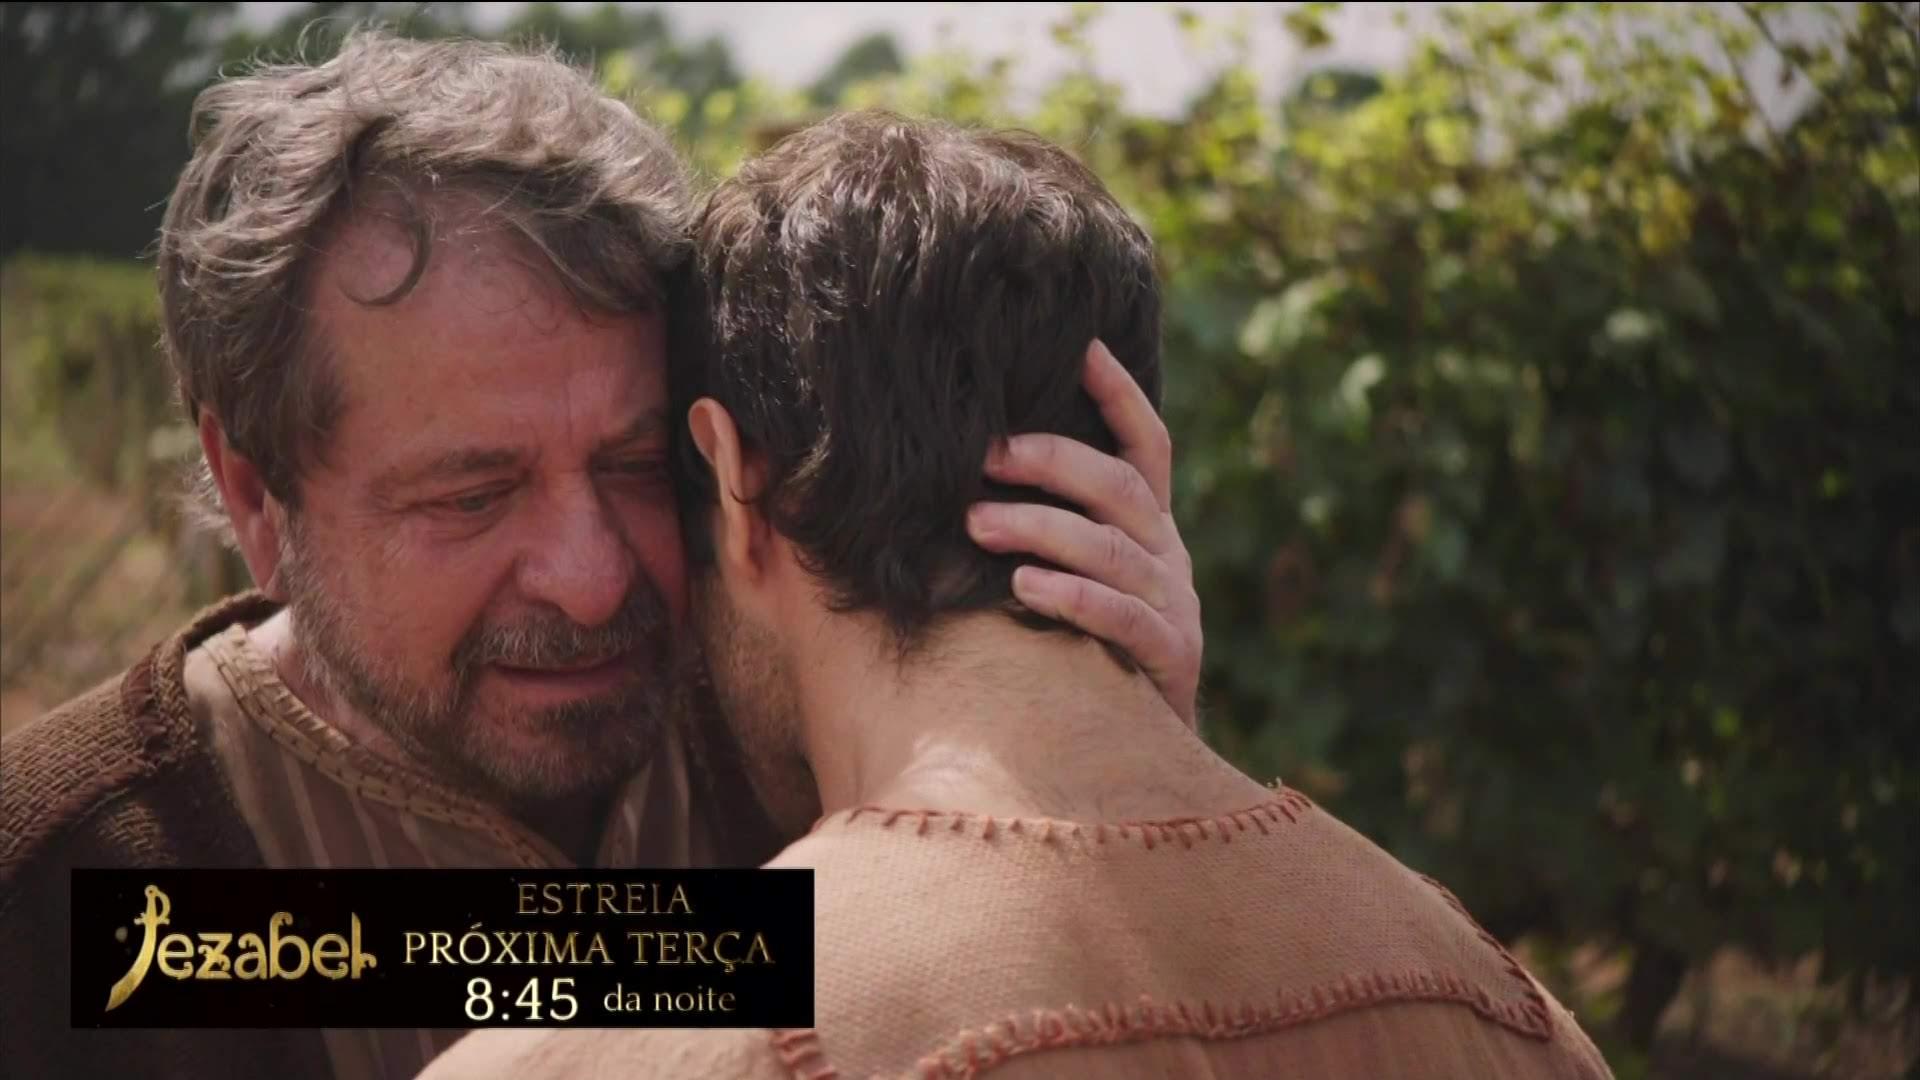 Flávio Galvão em cena de Jezabel como Nabote